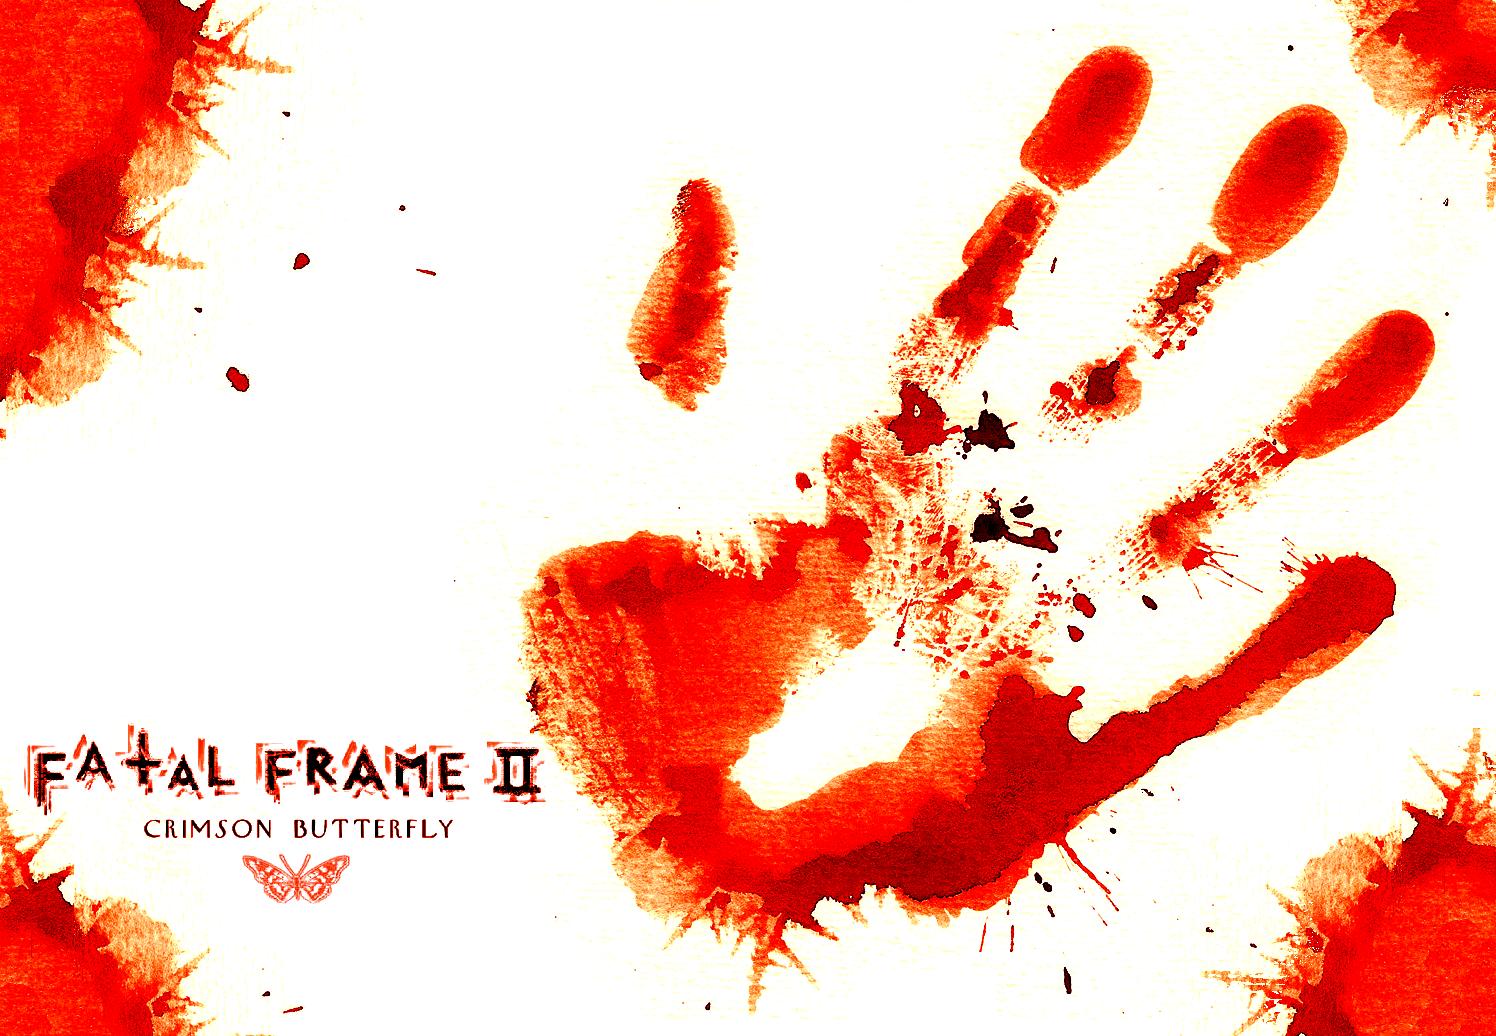 Fatal Frame 2 Wallpaper - WallpaperSafari